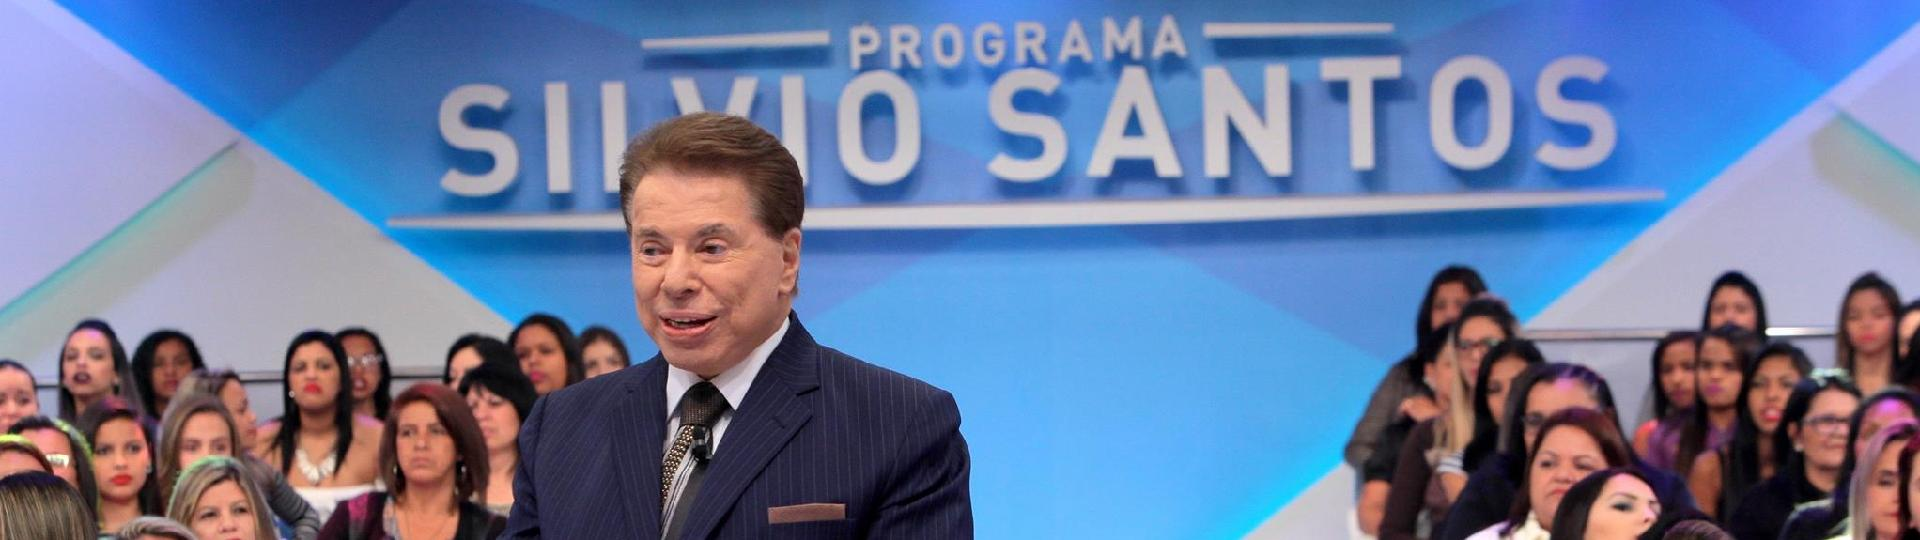 Silvio Santos reclama de presente de Ivete Sangalo em seu programa no SBT, que irá ao ar no próximo domingo (9)